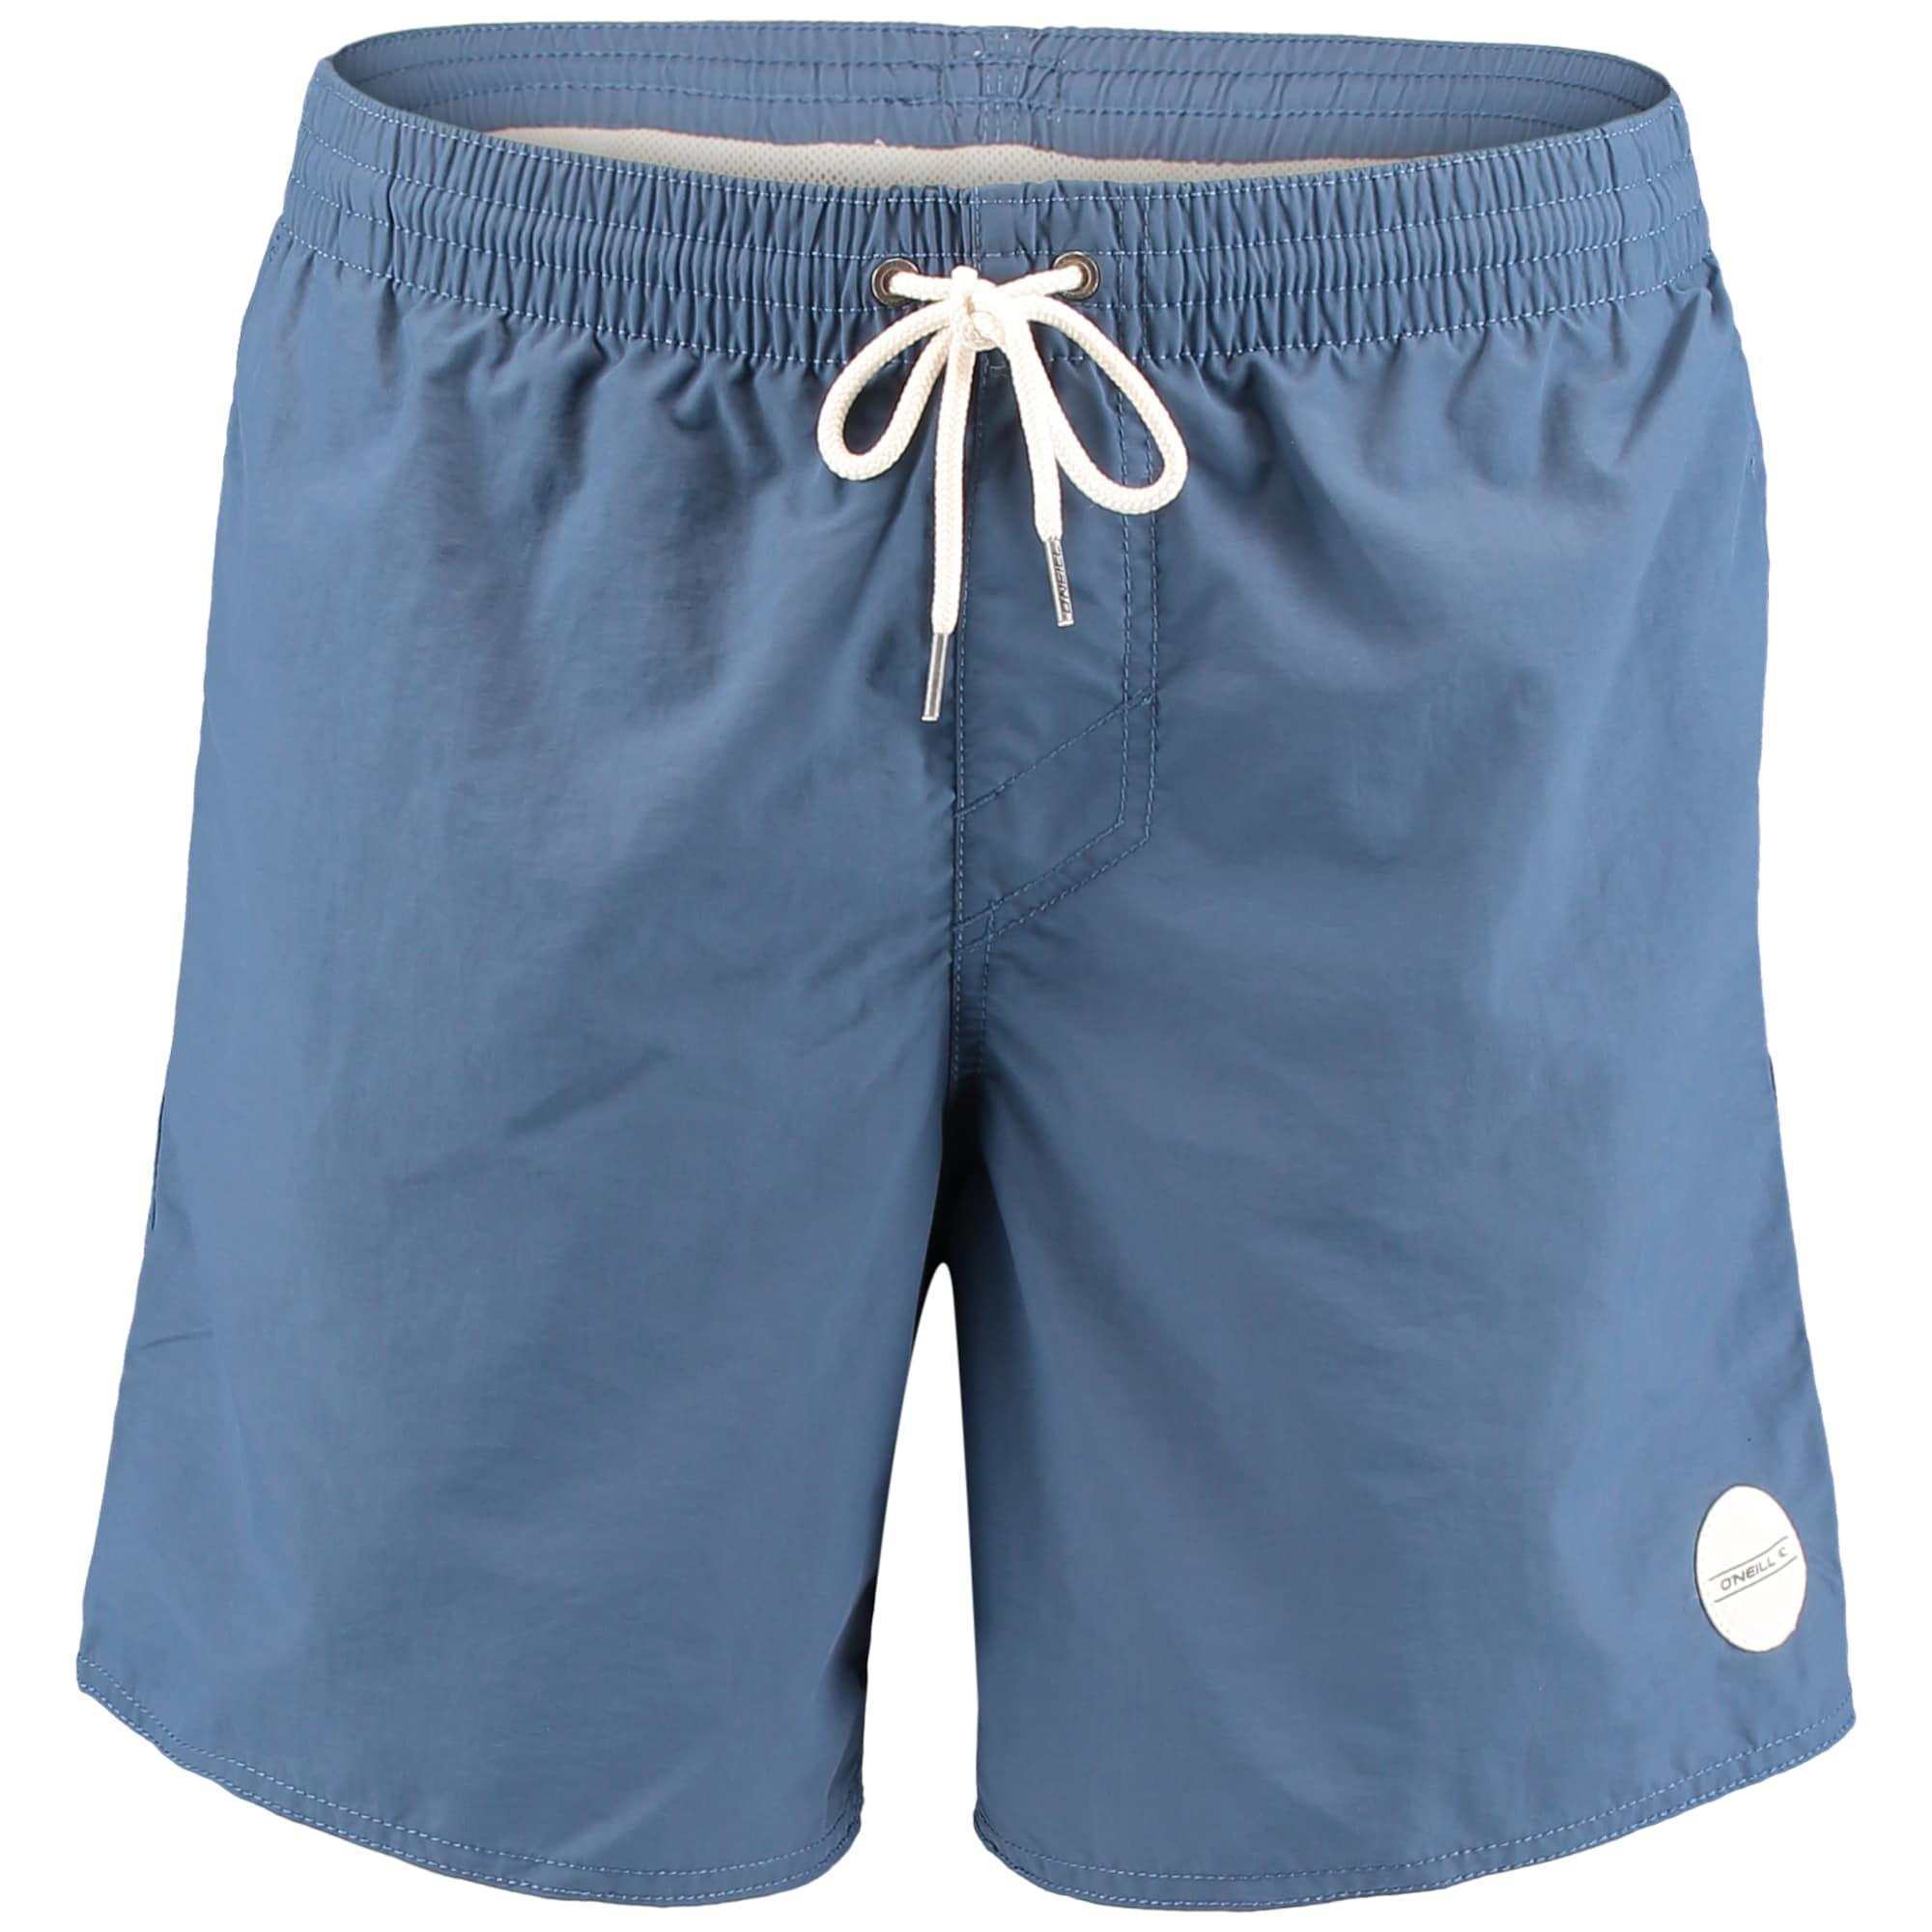 ONEILL Šortky PM Vert Shorts nebeská modř O'NEILL